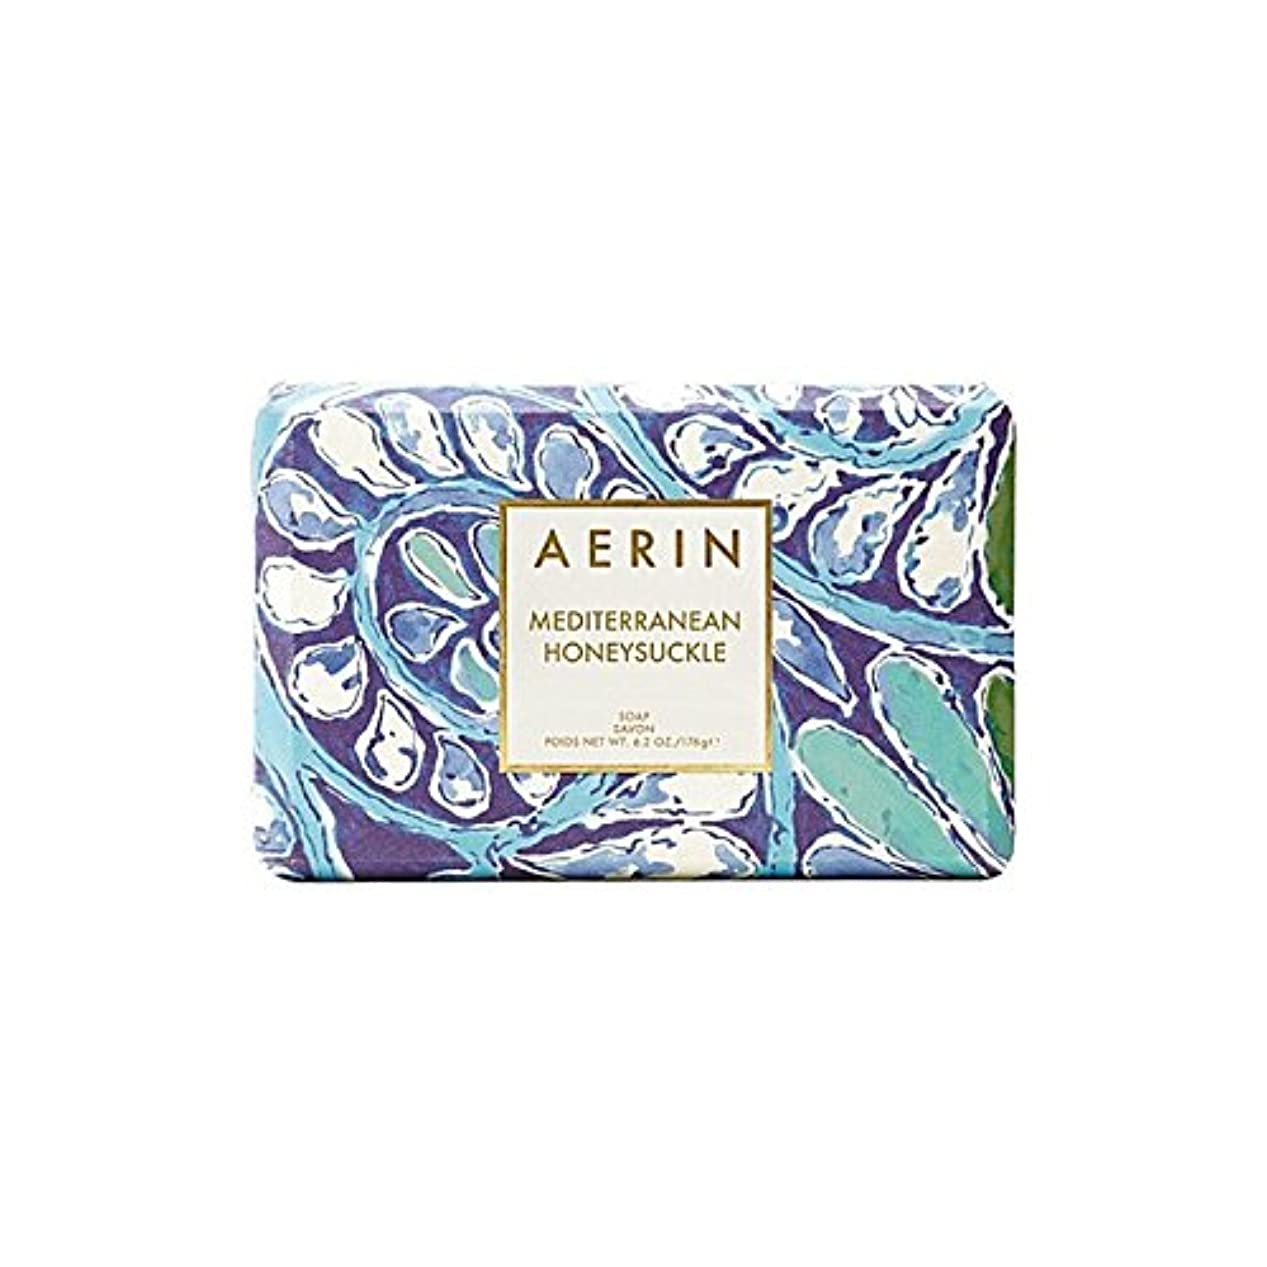 並外れた四面体スライムスイカズラ固形石鹸176グラム x4 - Aerin Mediterrenean Honeysuckle Bar Soap 176G (Pack of 4) [並行輸入品]